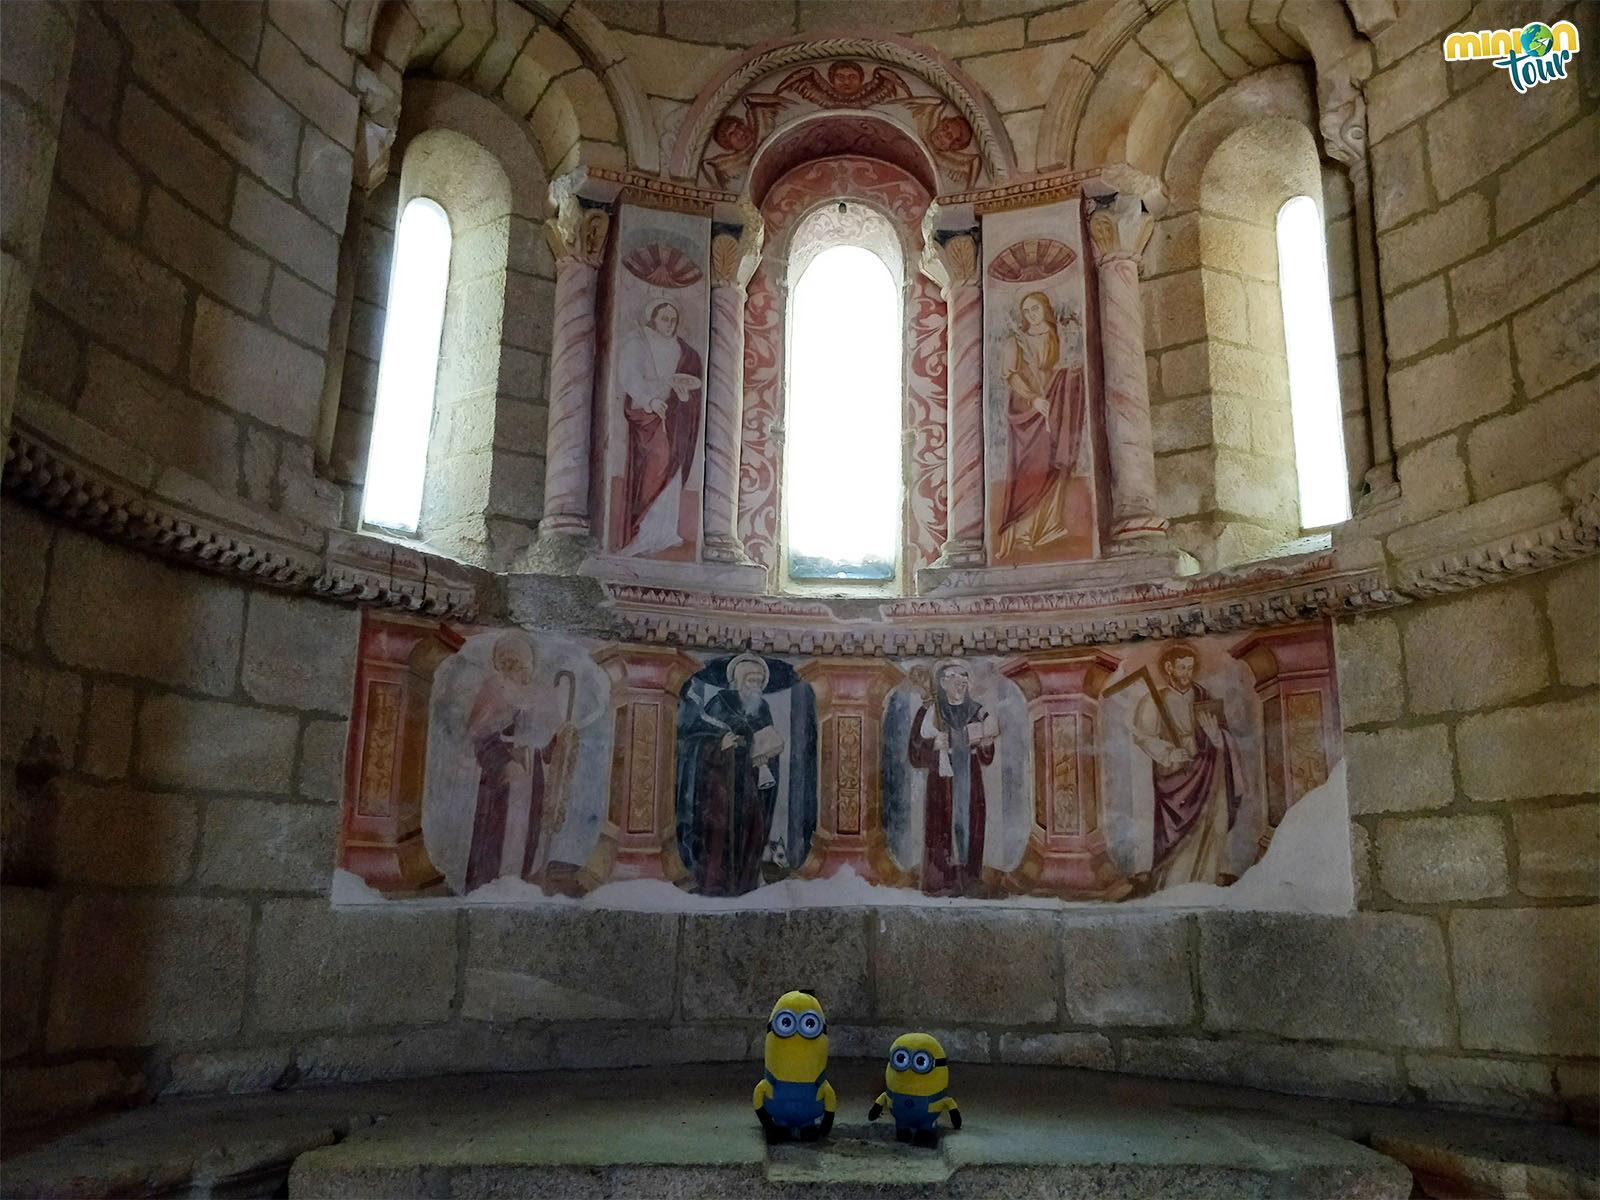 Viendo las pinturas murales de la iglesia de este monasterio que está en Parada de Sil